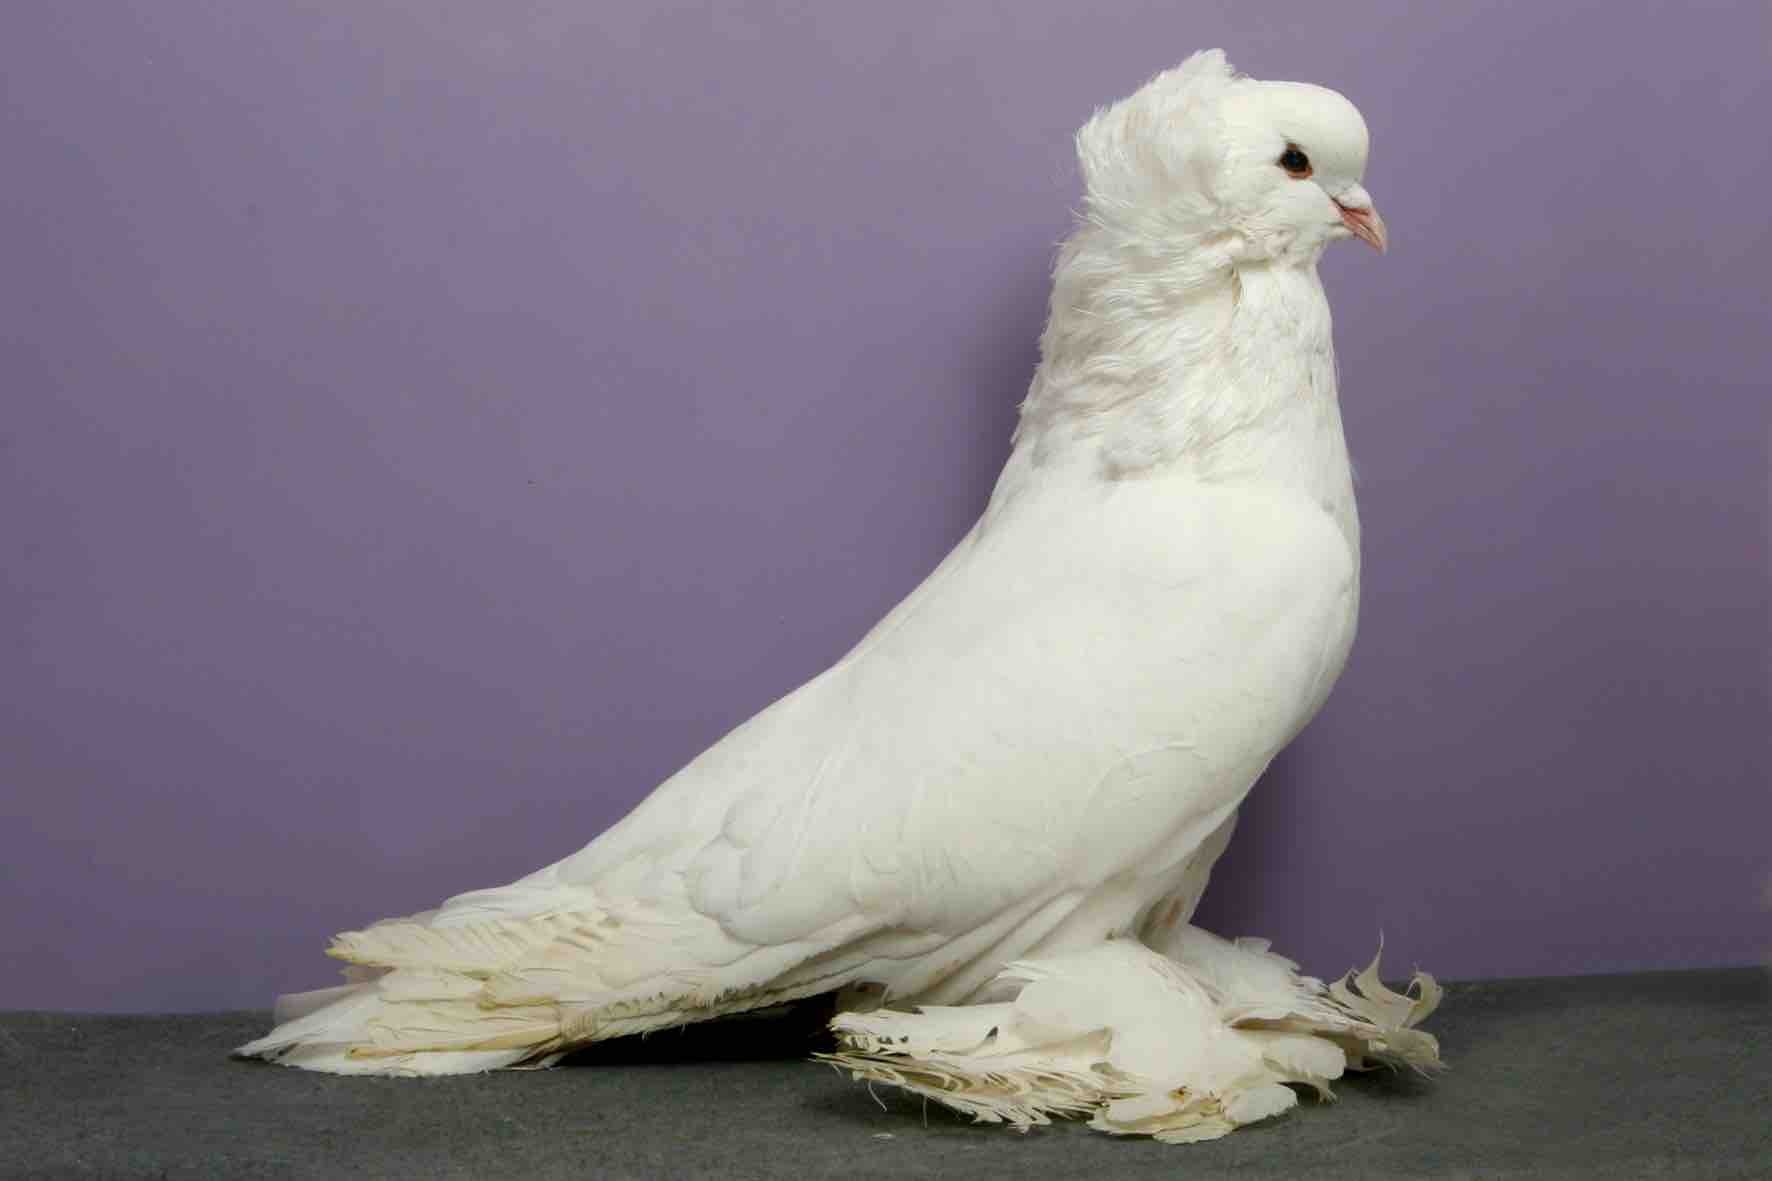 pigeon-concours-beaute-champion-oiseau-12